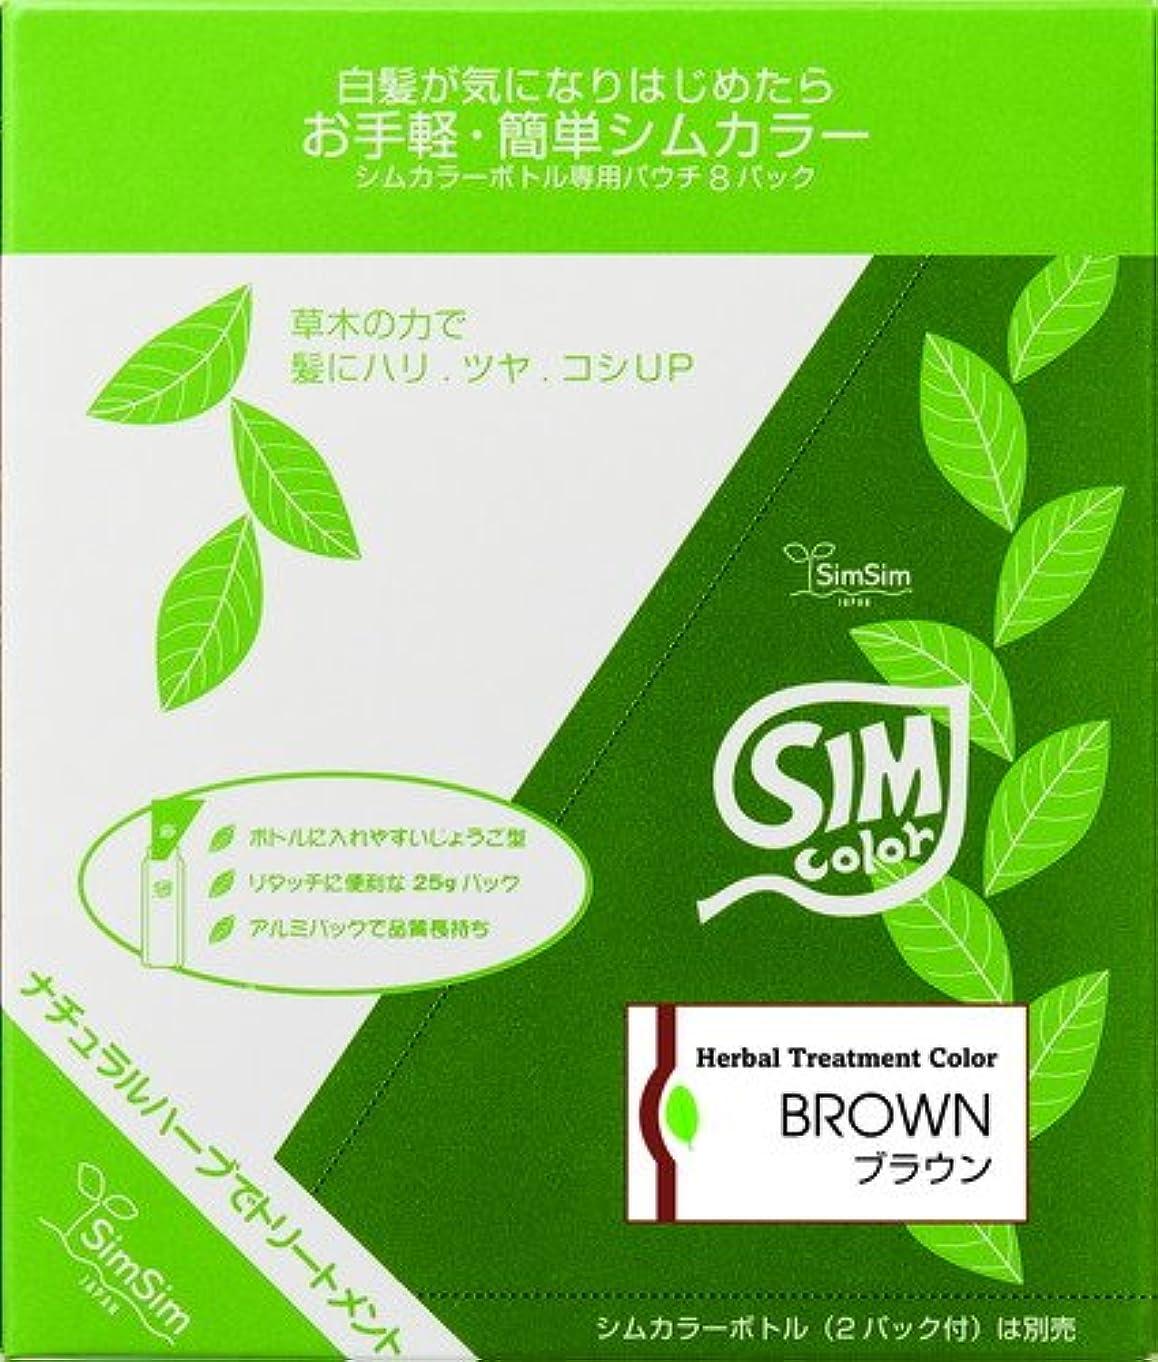 しっかり夫採用SimSim(シムシム)お手軽簡単シムカラーエクストラ(EX)25g 8袋 ブラウン